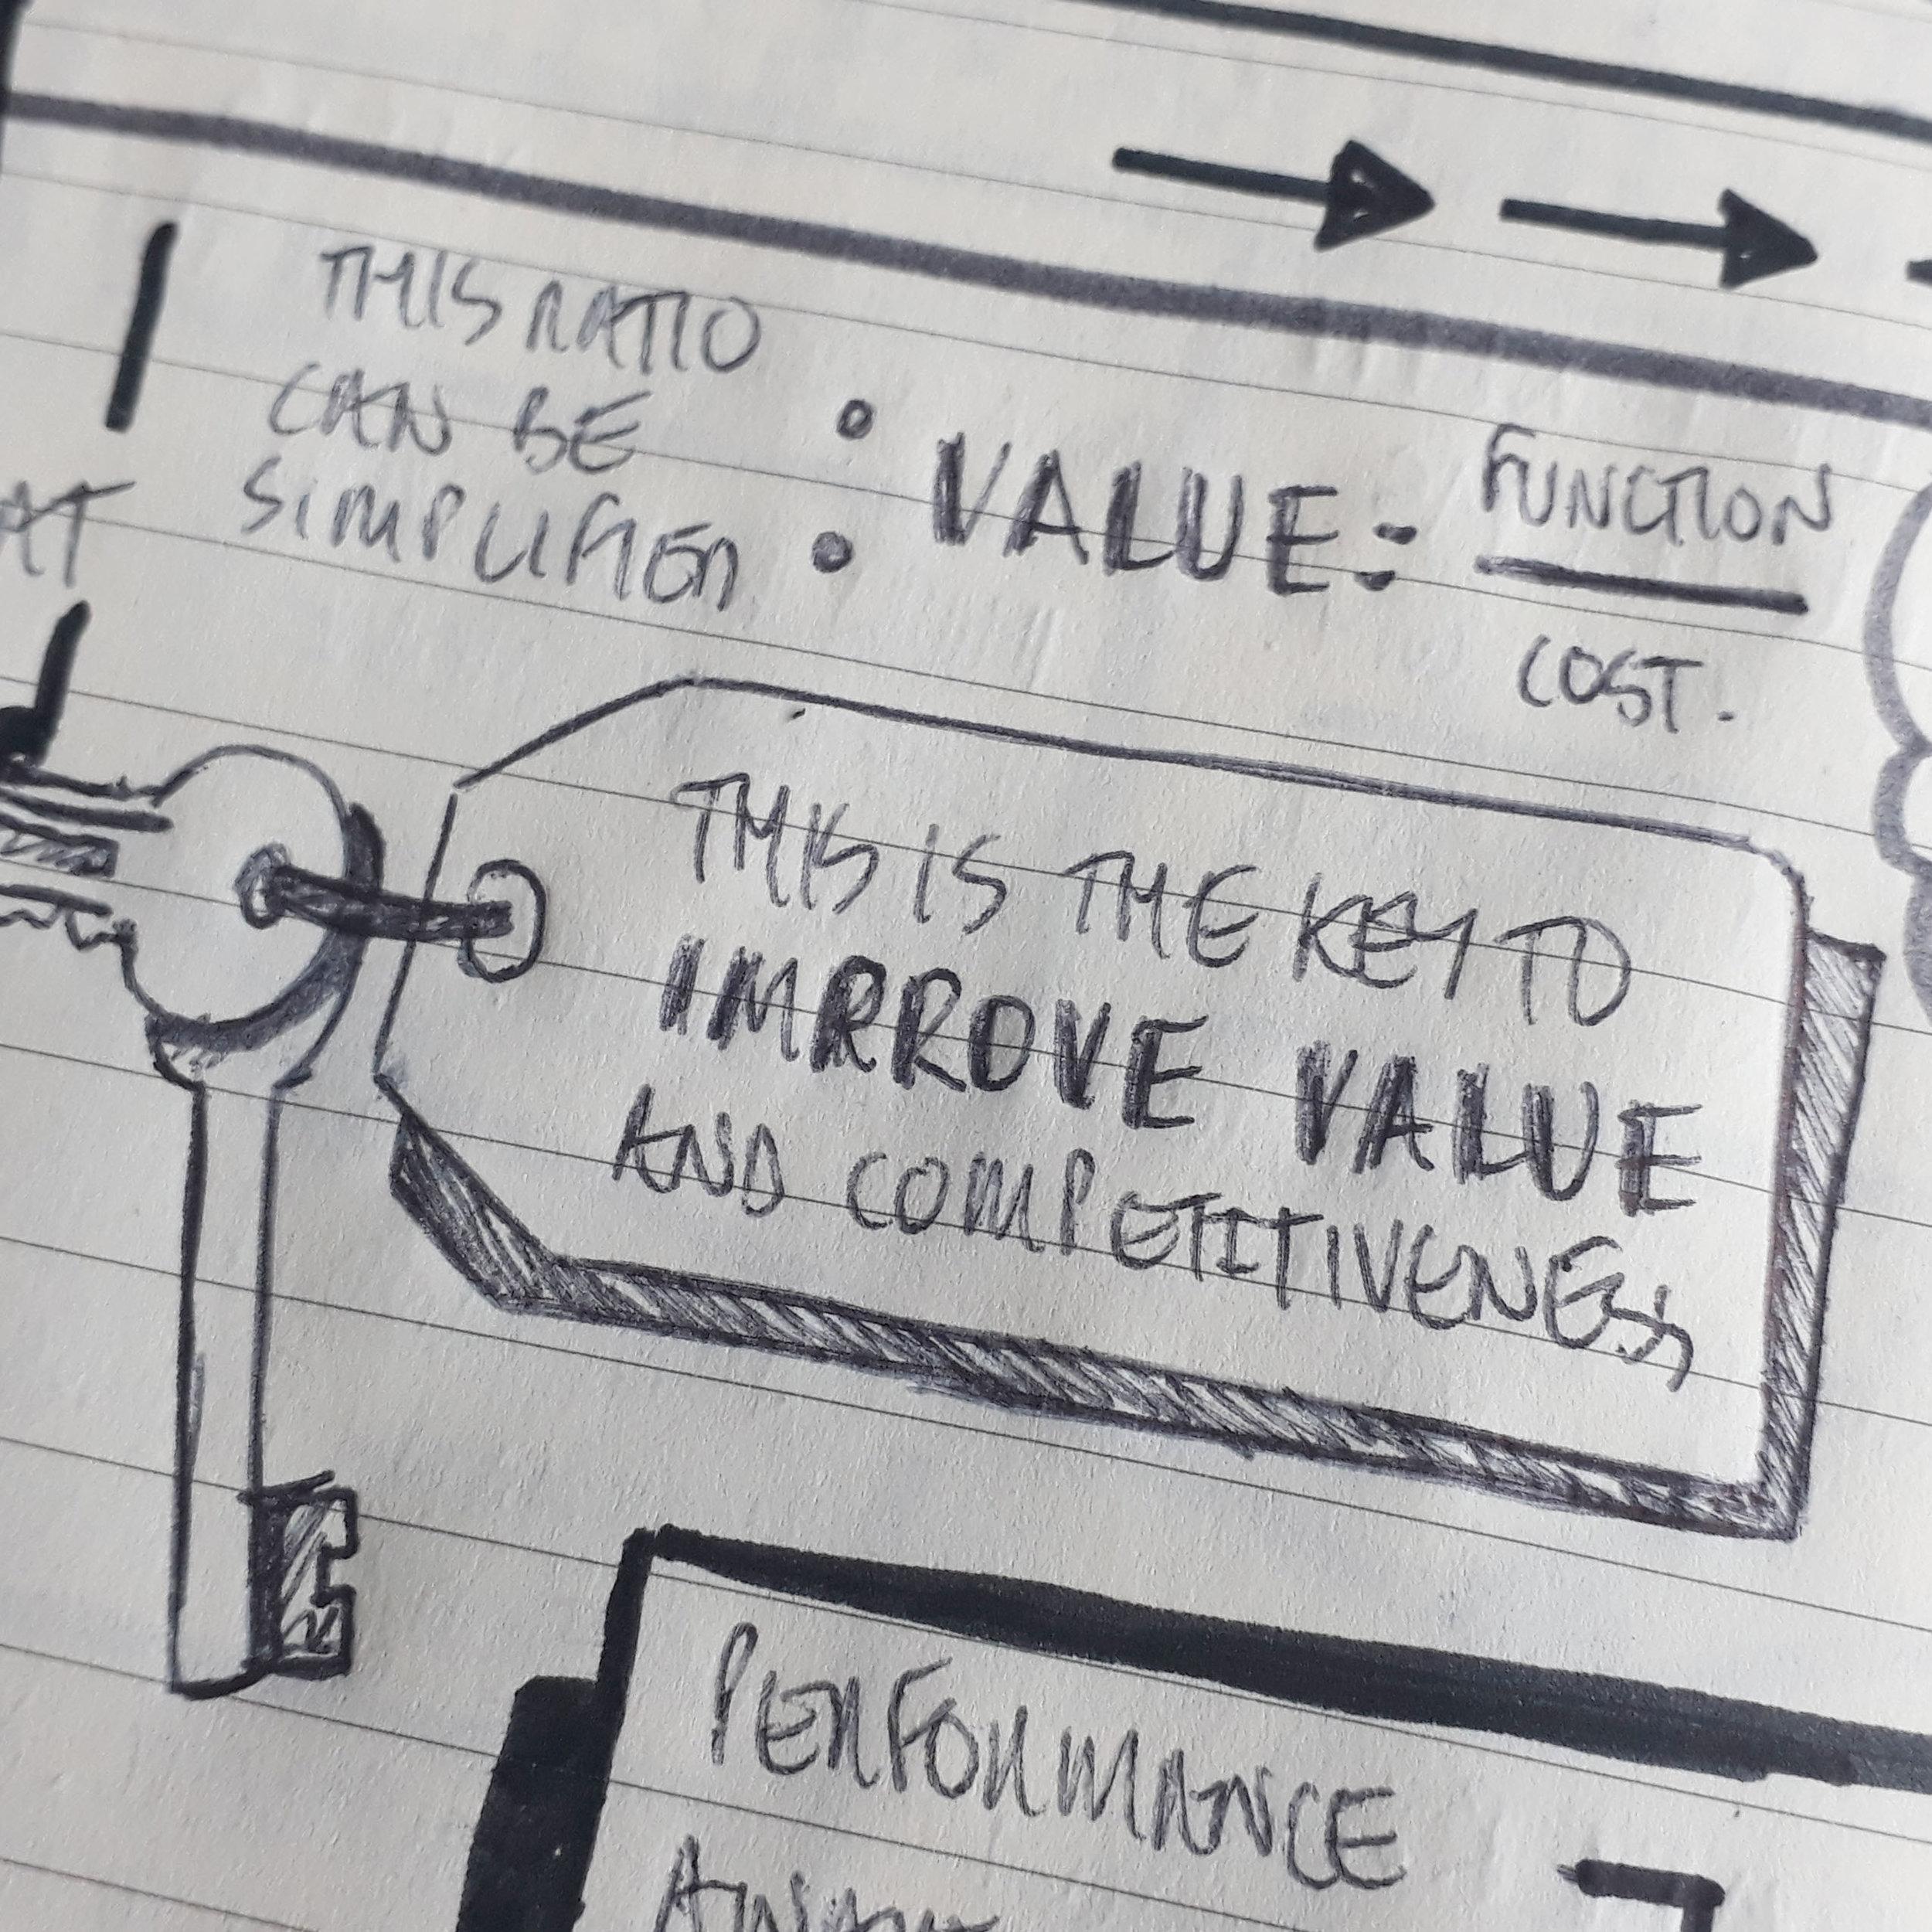 ValueInDesign-Part2.3.jpg